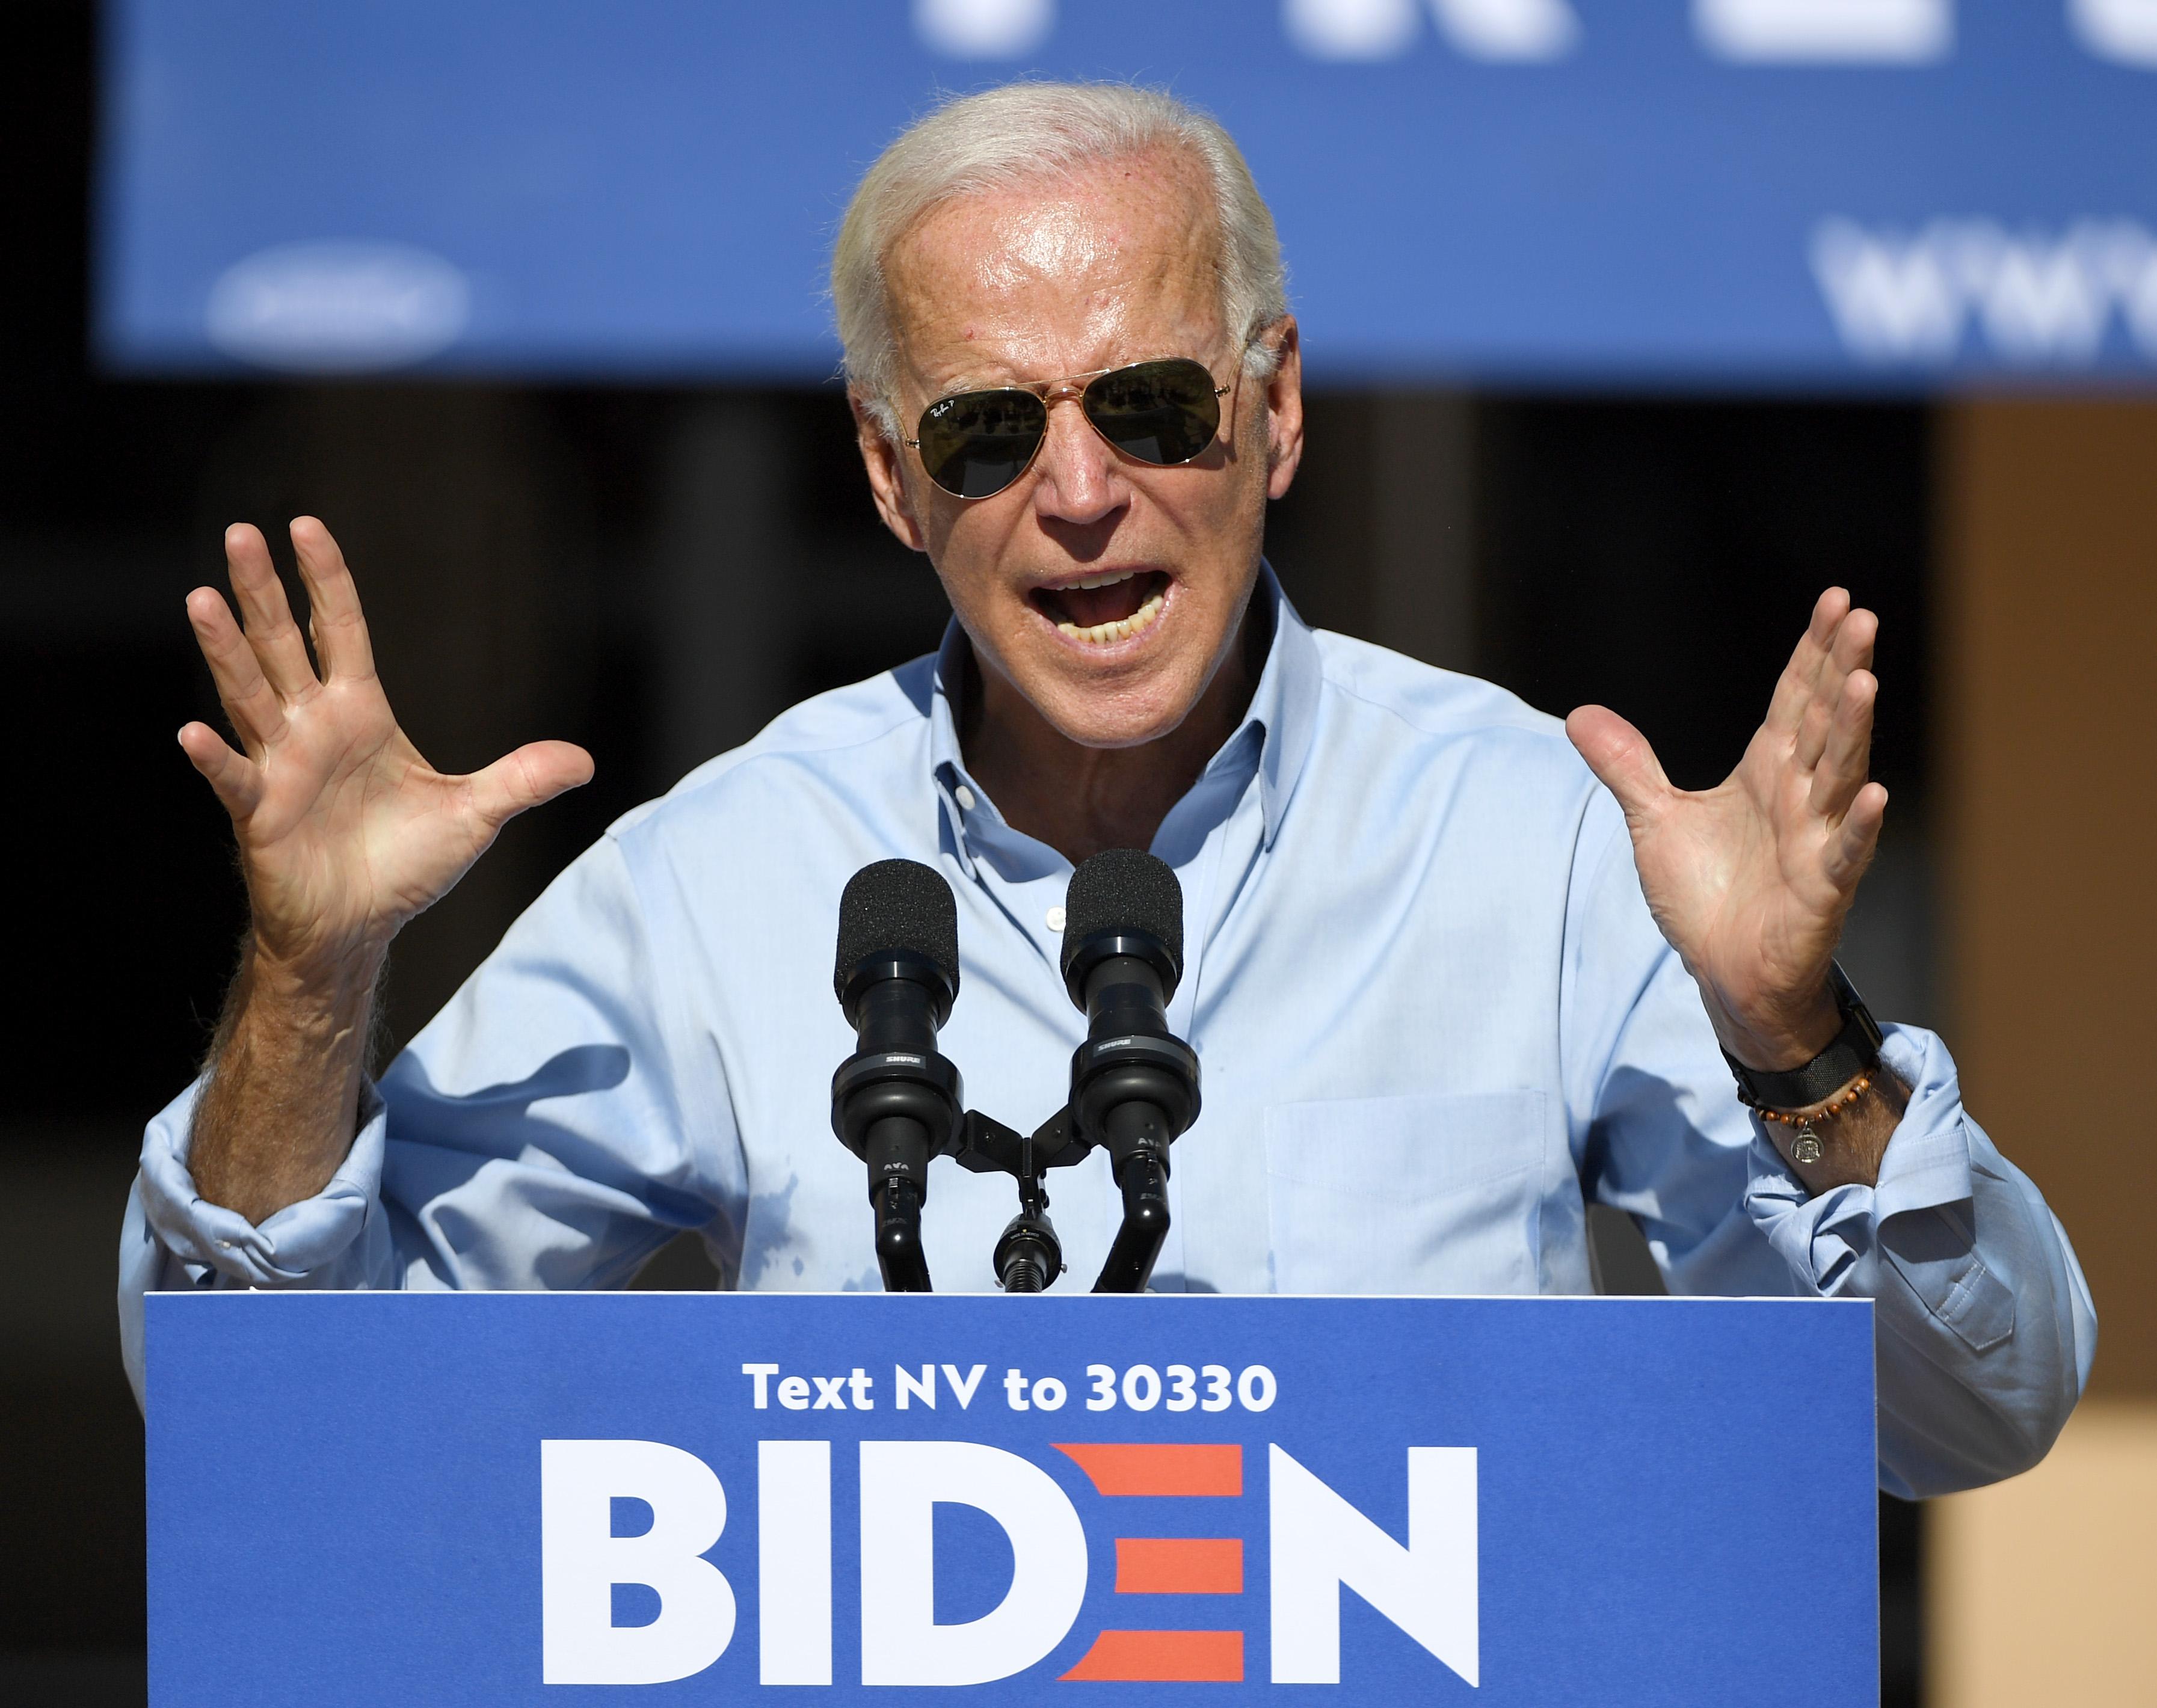 Joe Biden's gun plan calls for universal background checks and an assault weapons ban